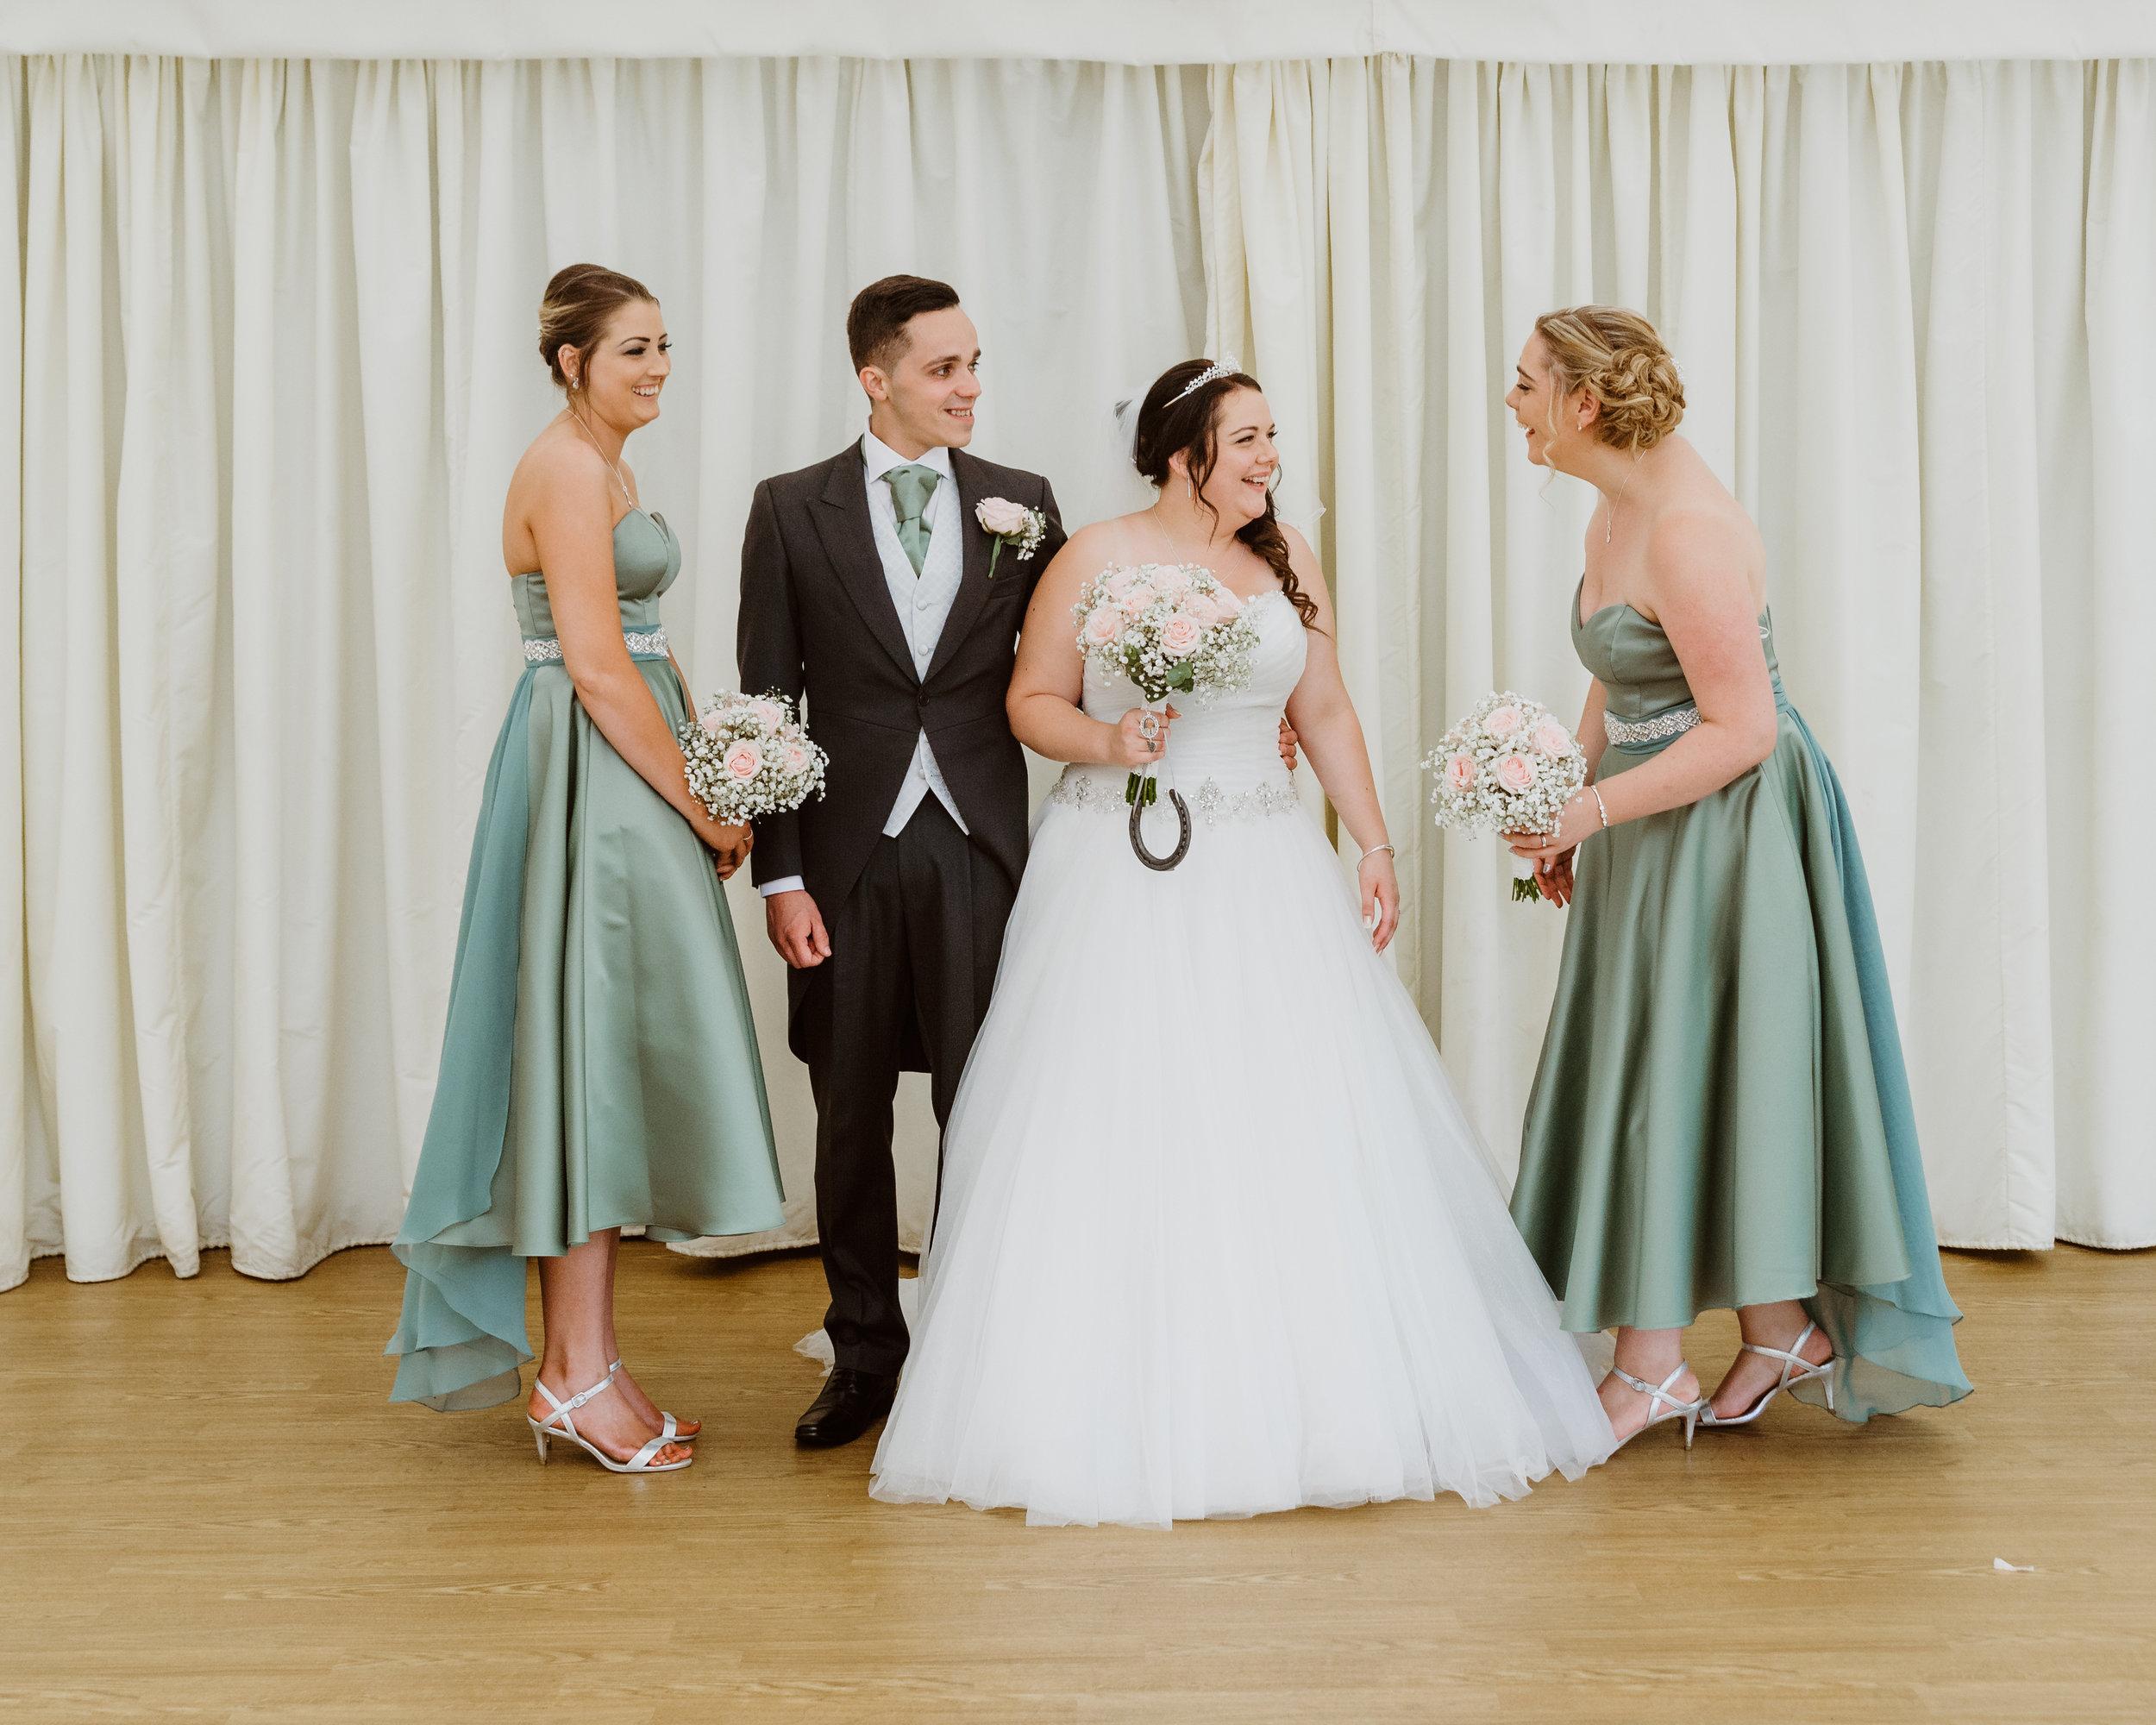 Essex-Wedding_photography_Fennes_Braintree-Photographer-Suffolk - 28.JPG